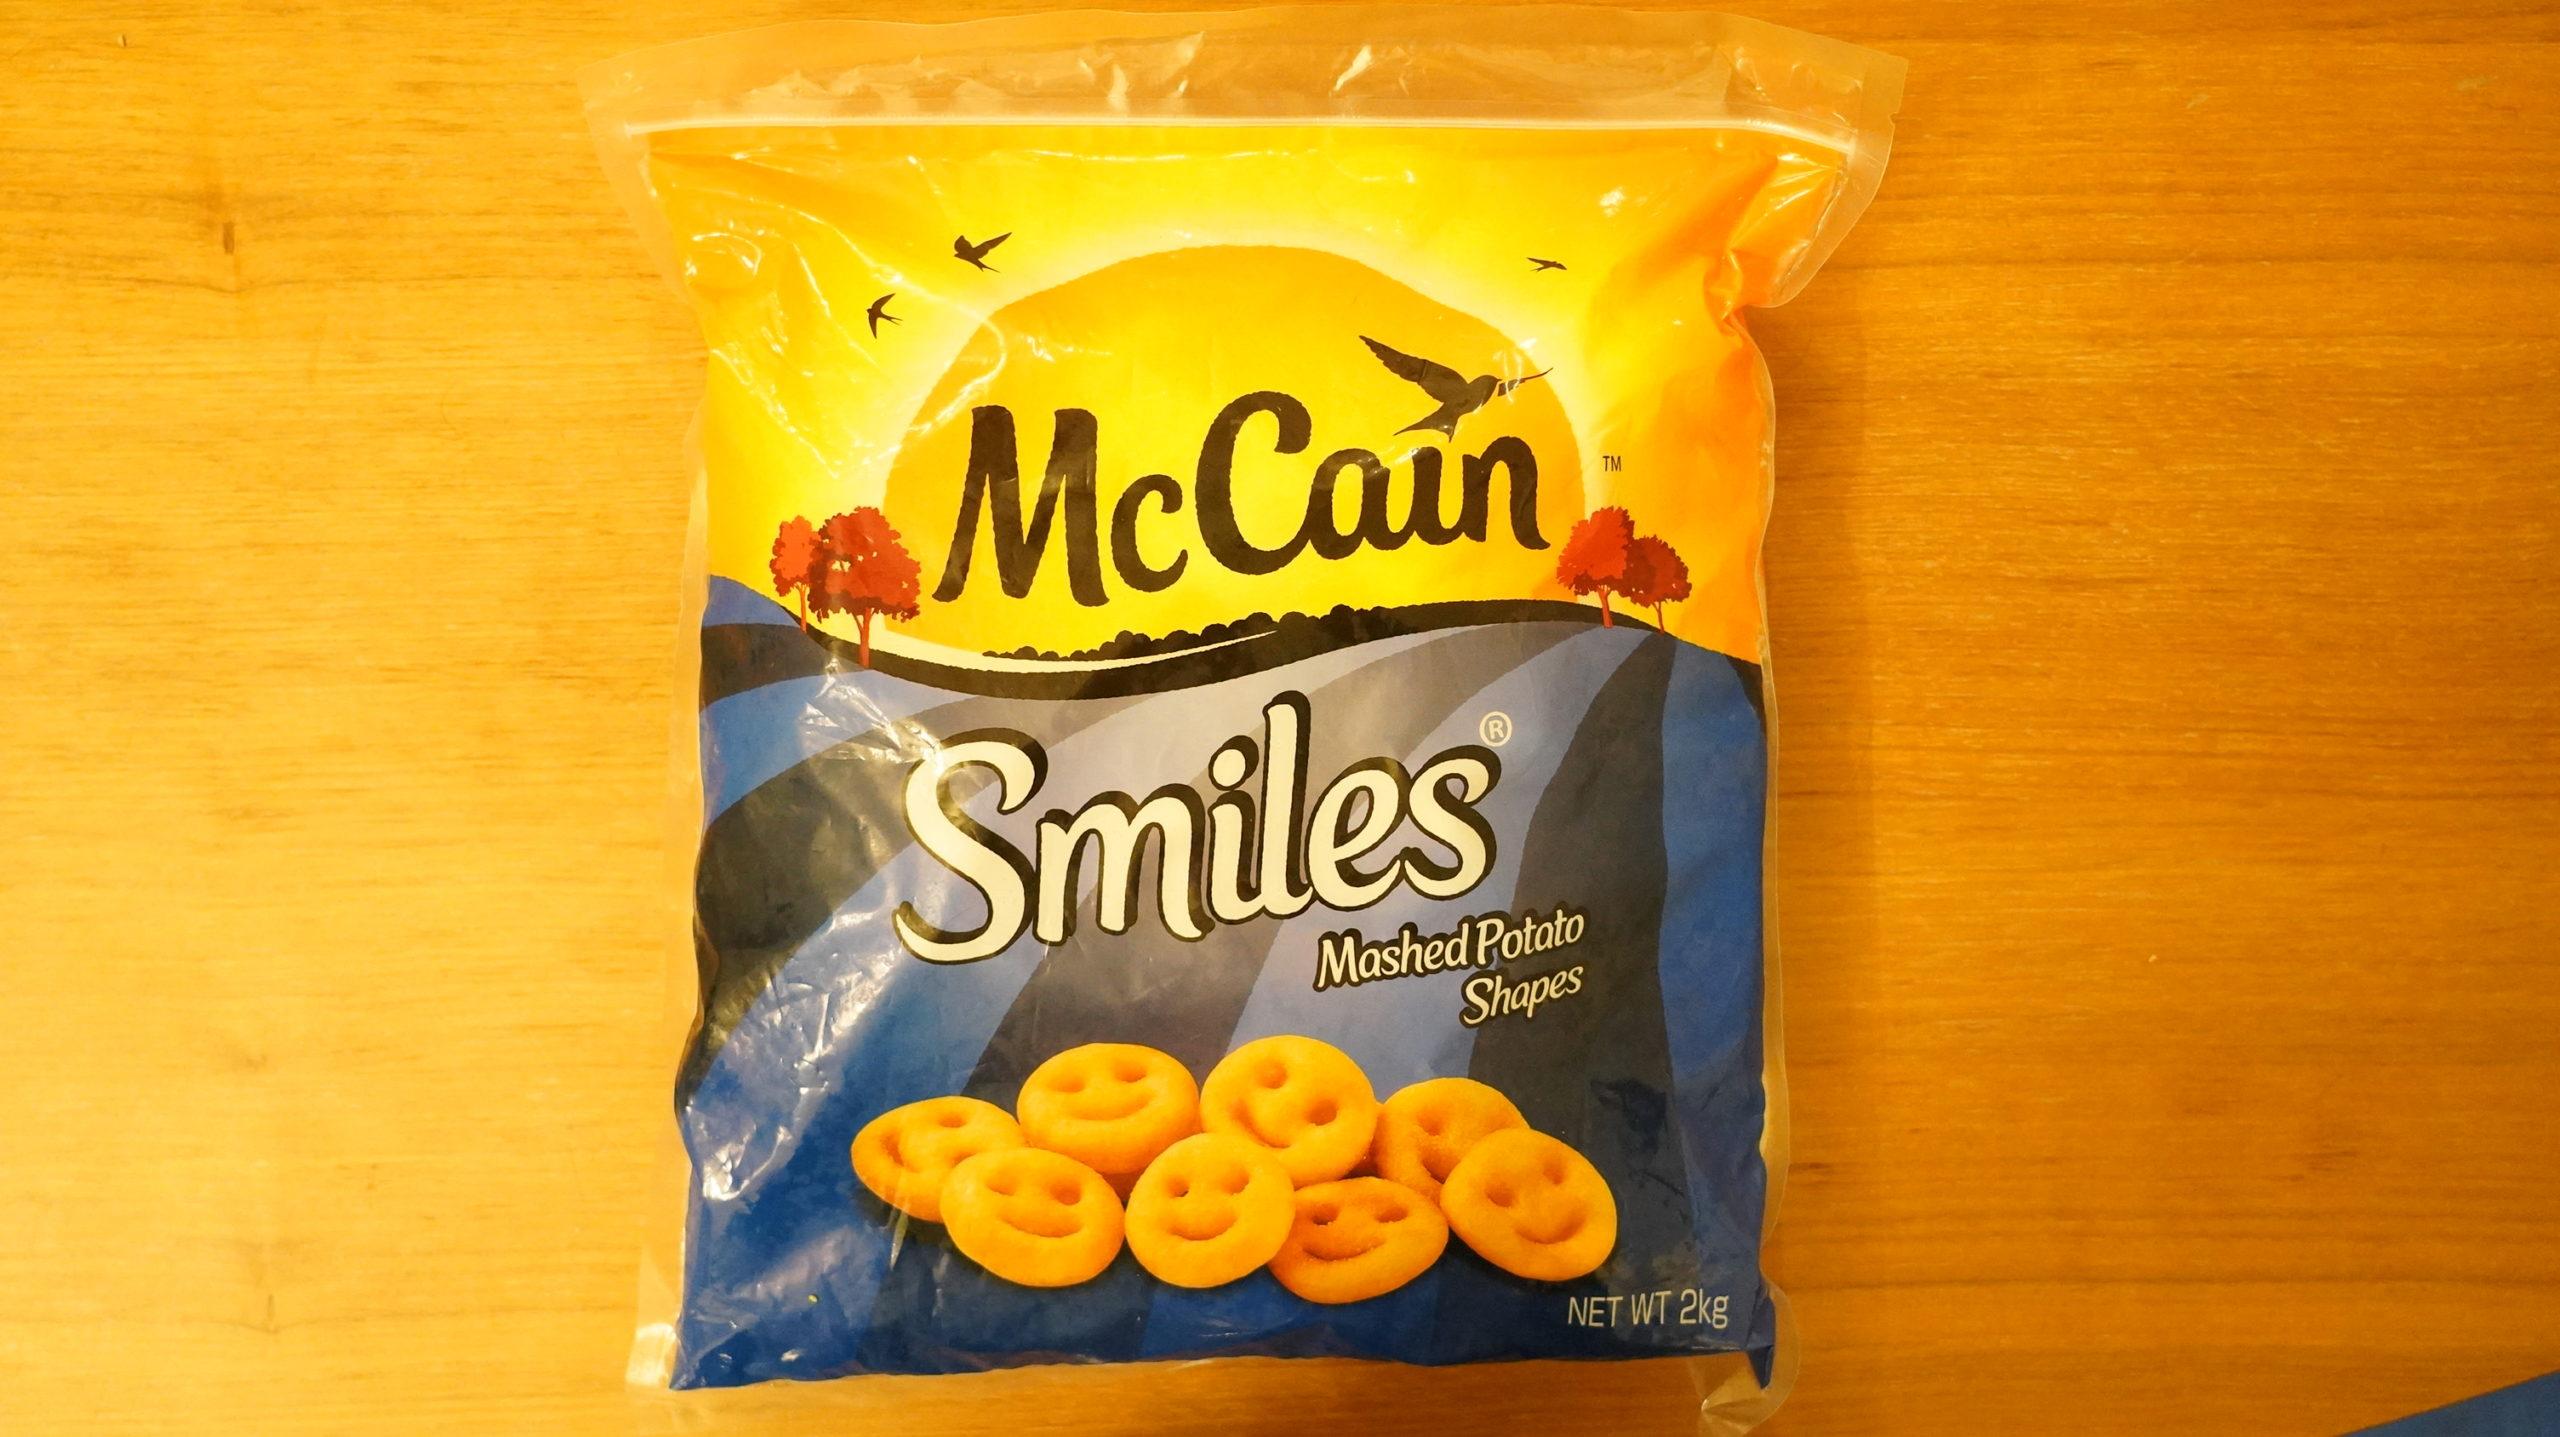 コストコの冷凍食品「マッケイン・スマイルポテト」のパッケージ写真